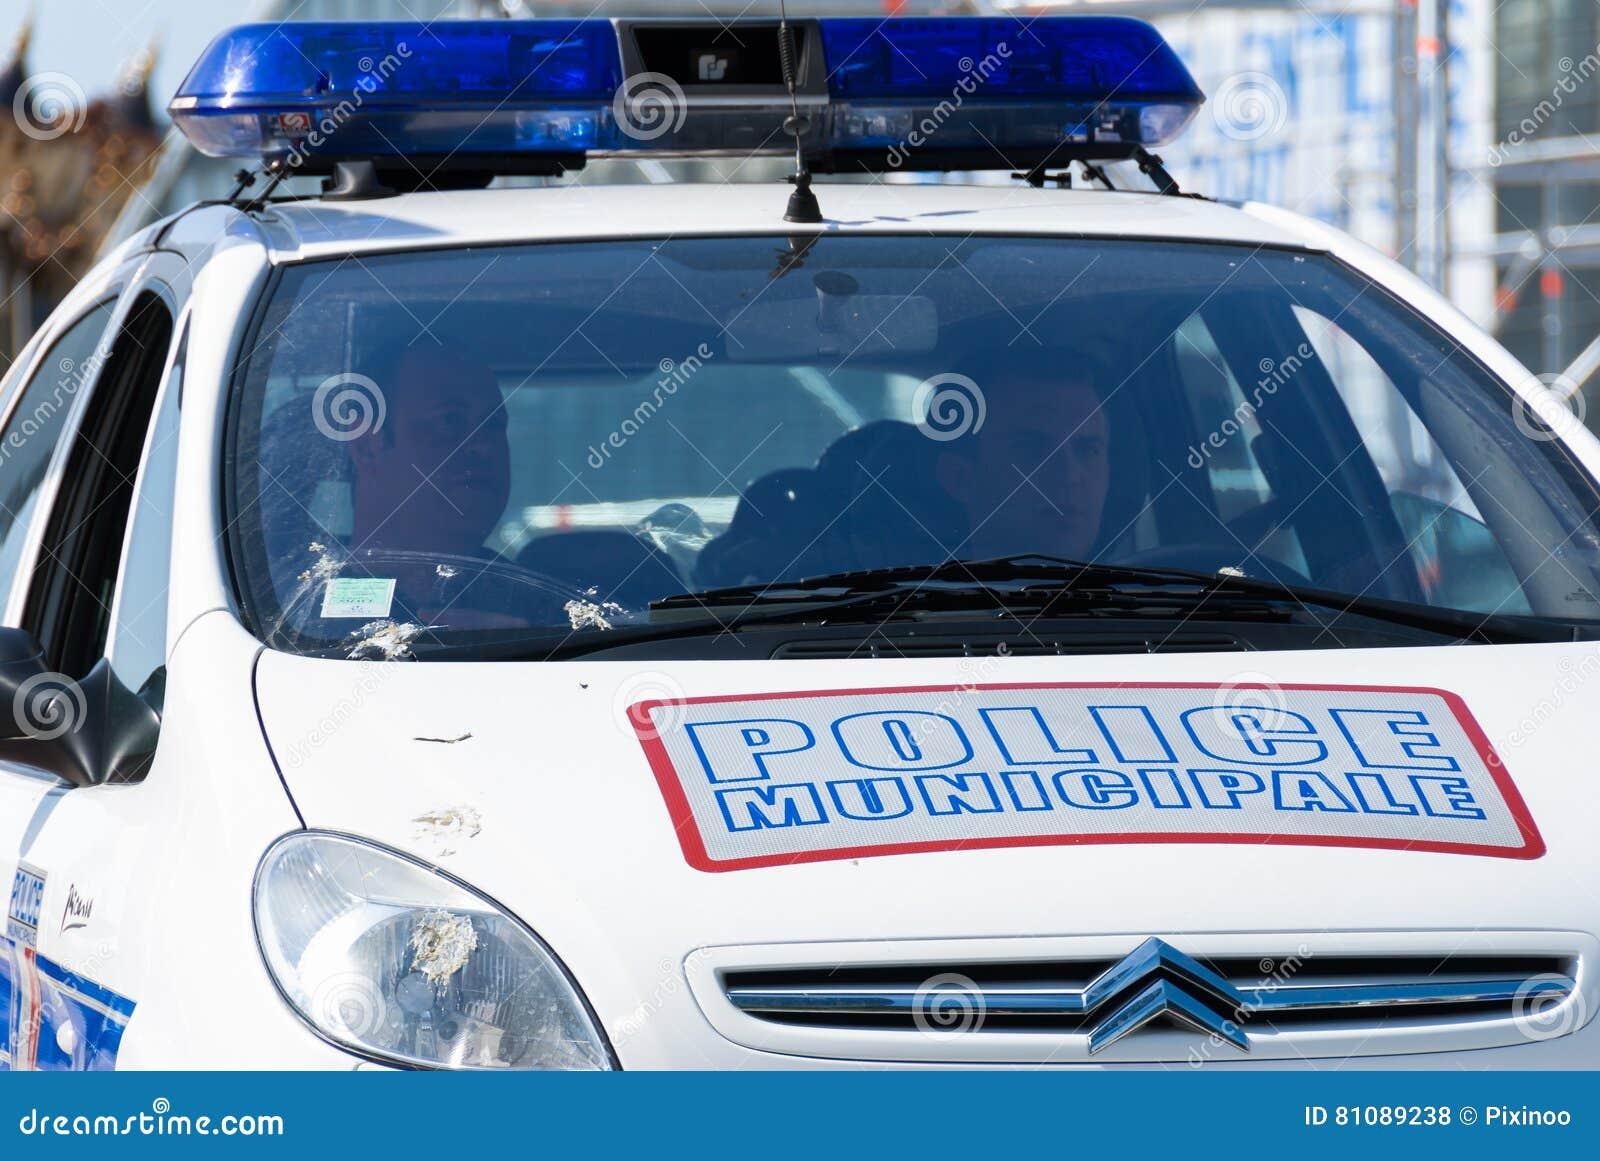 Defensa del La, Francia - 2 de mayo de 2007: La policía francesa patrulla asignado a la vigilancia para asegurar la seguridad de